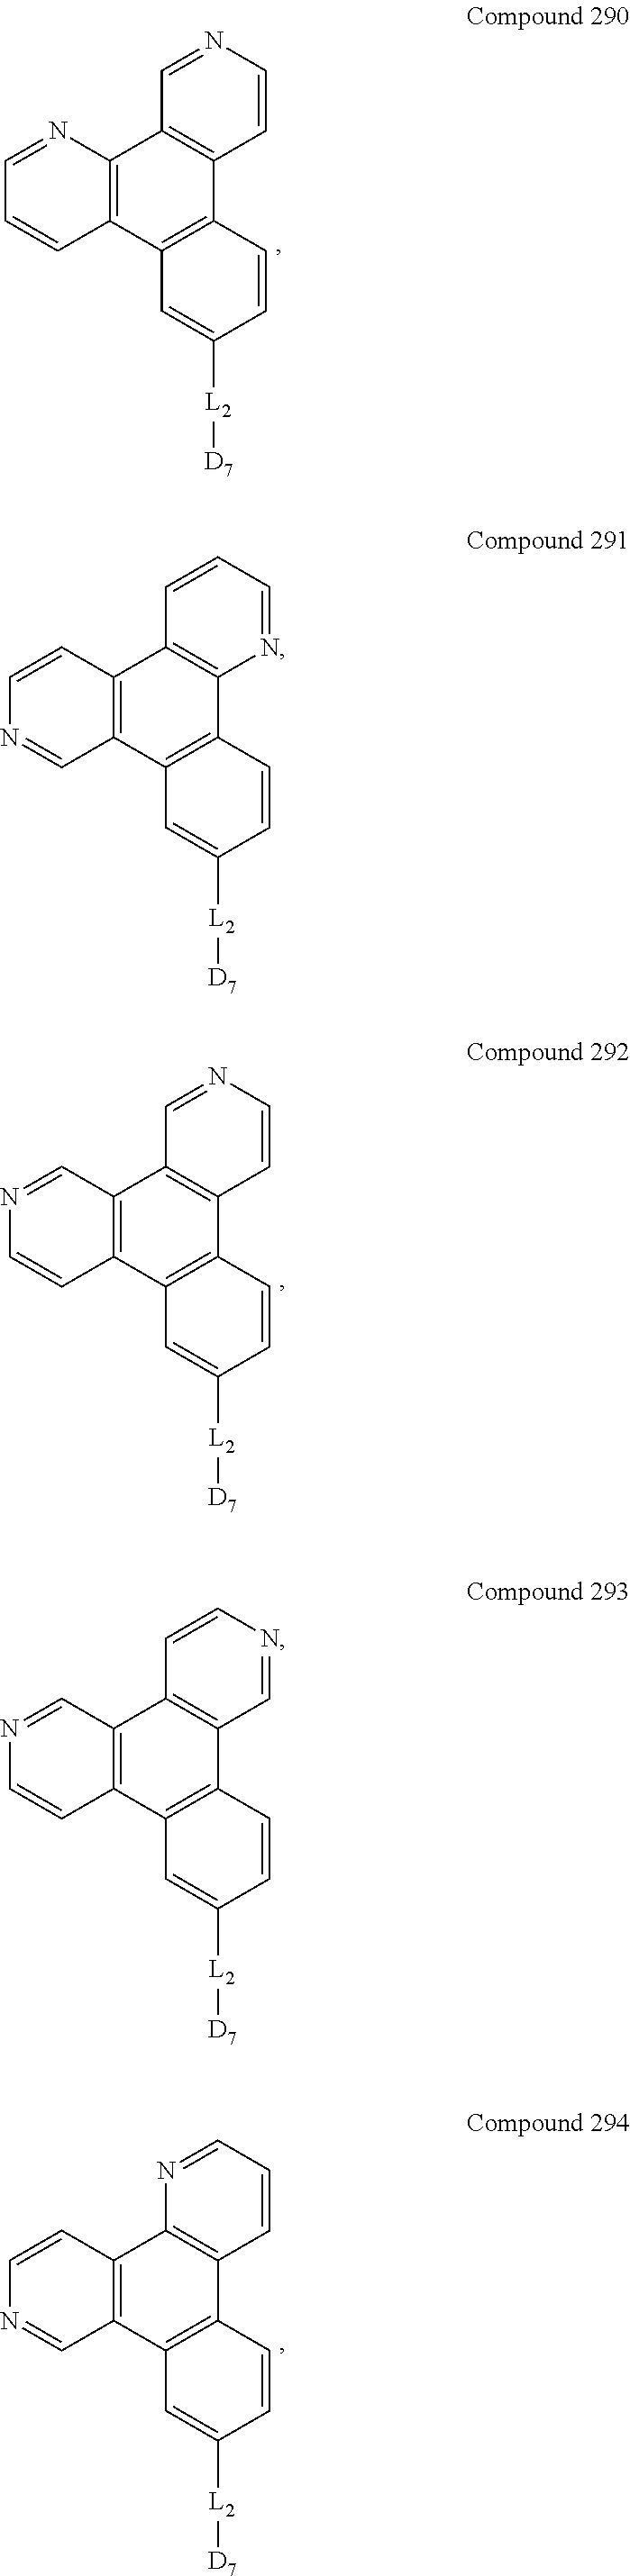 Figure US09537106-20170103-C00094